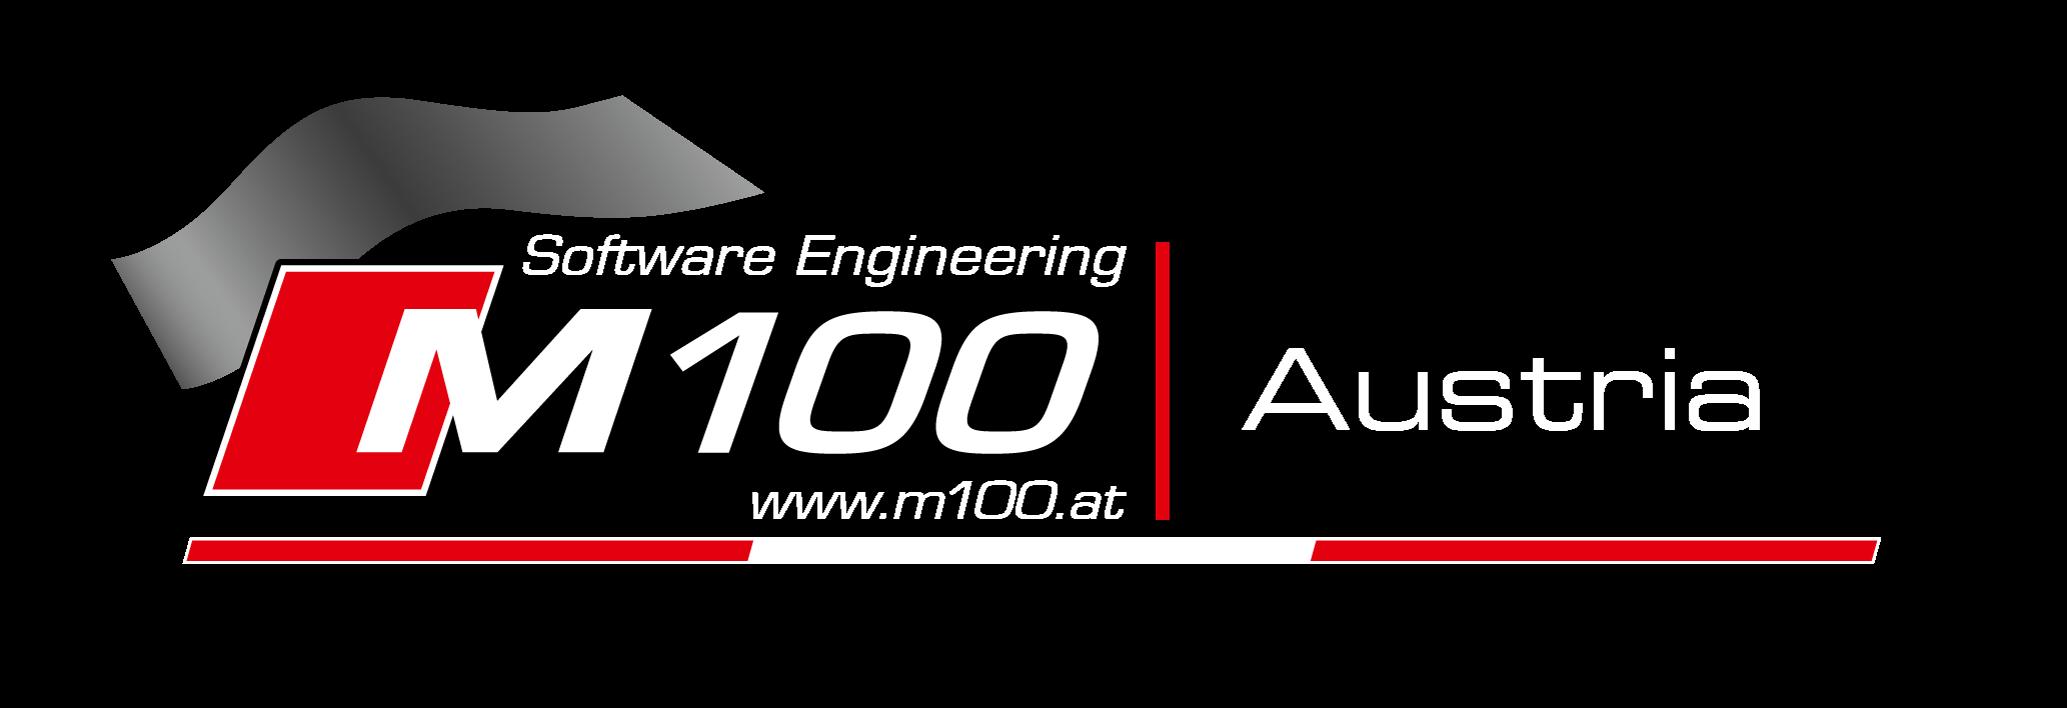 m100-austria